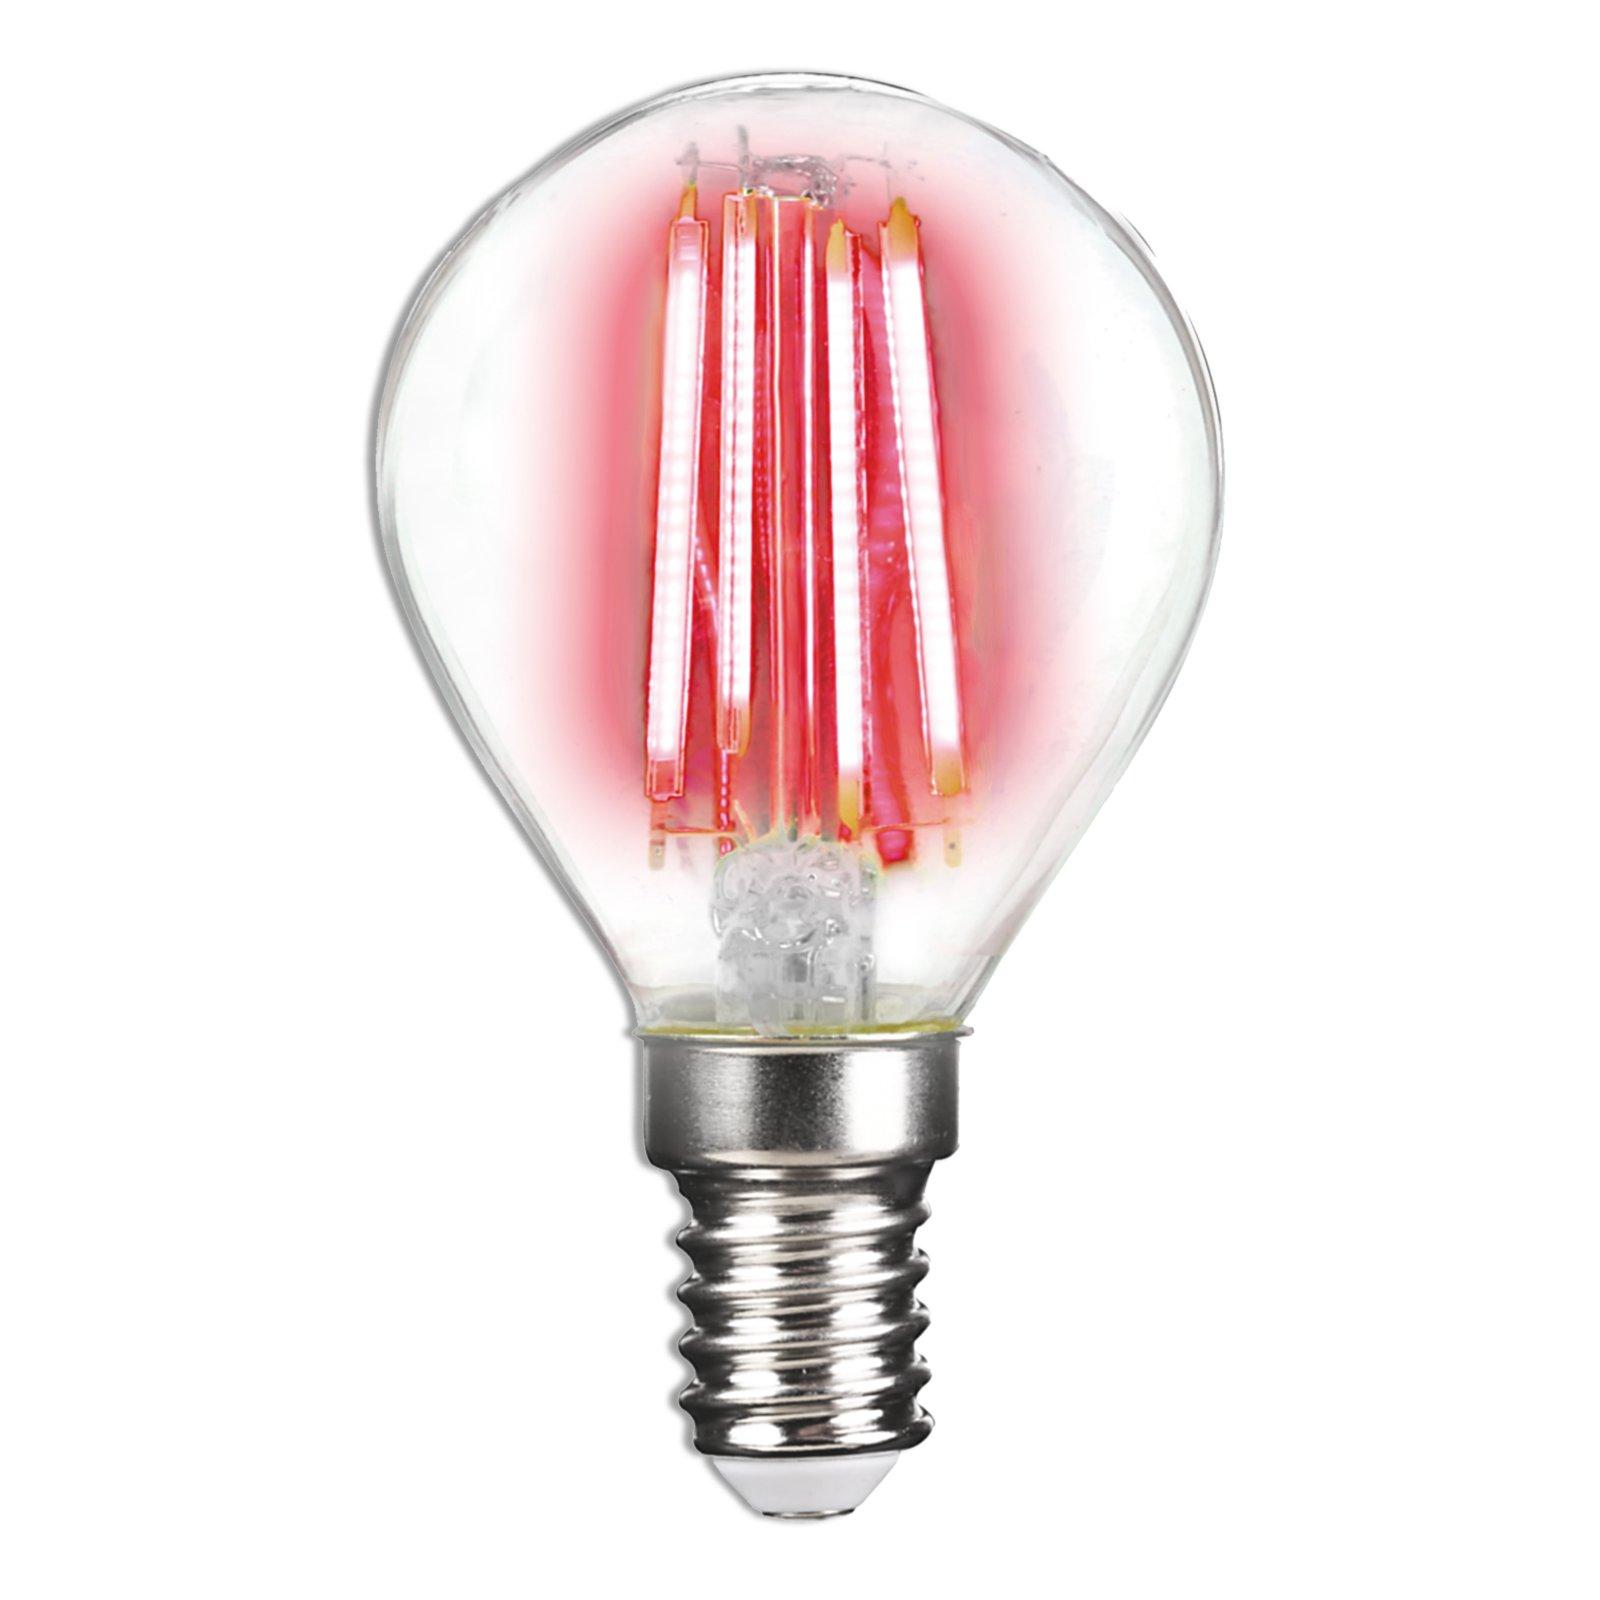 LED-Leuchtmittel LIGHTME - rot - E14 - 4 Watt